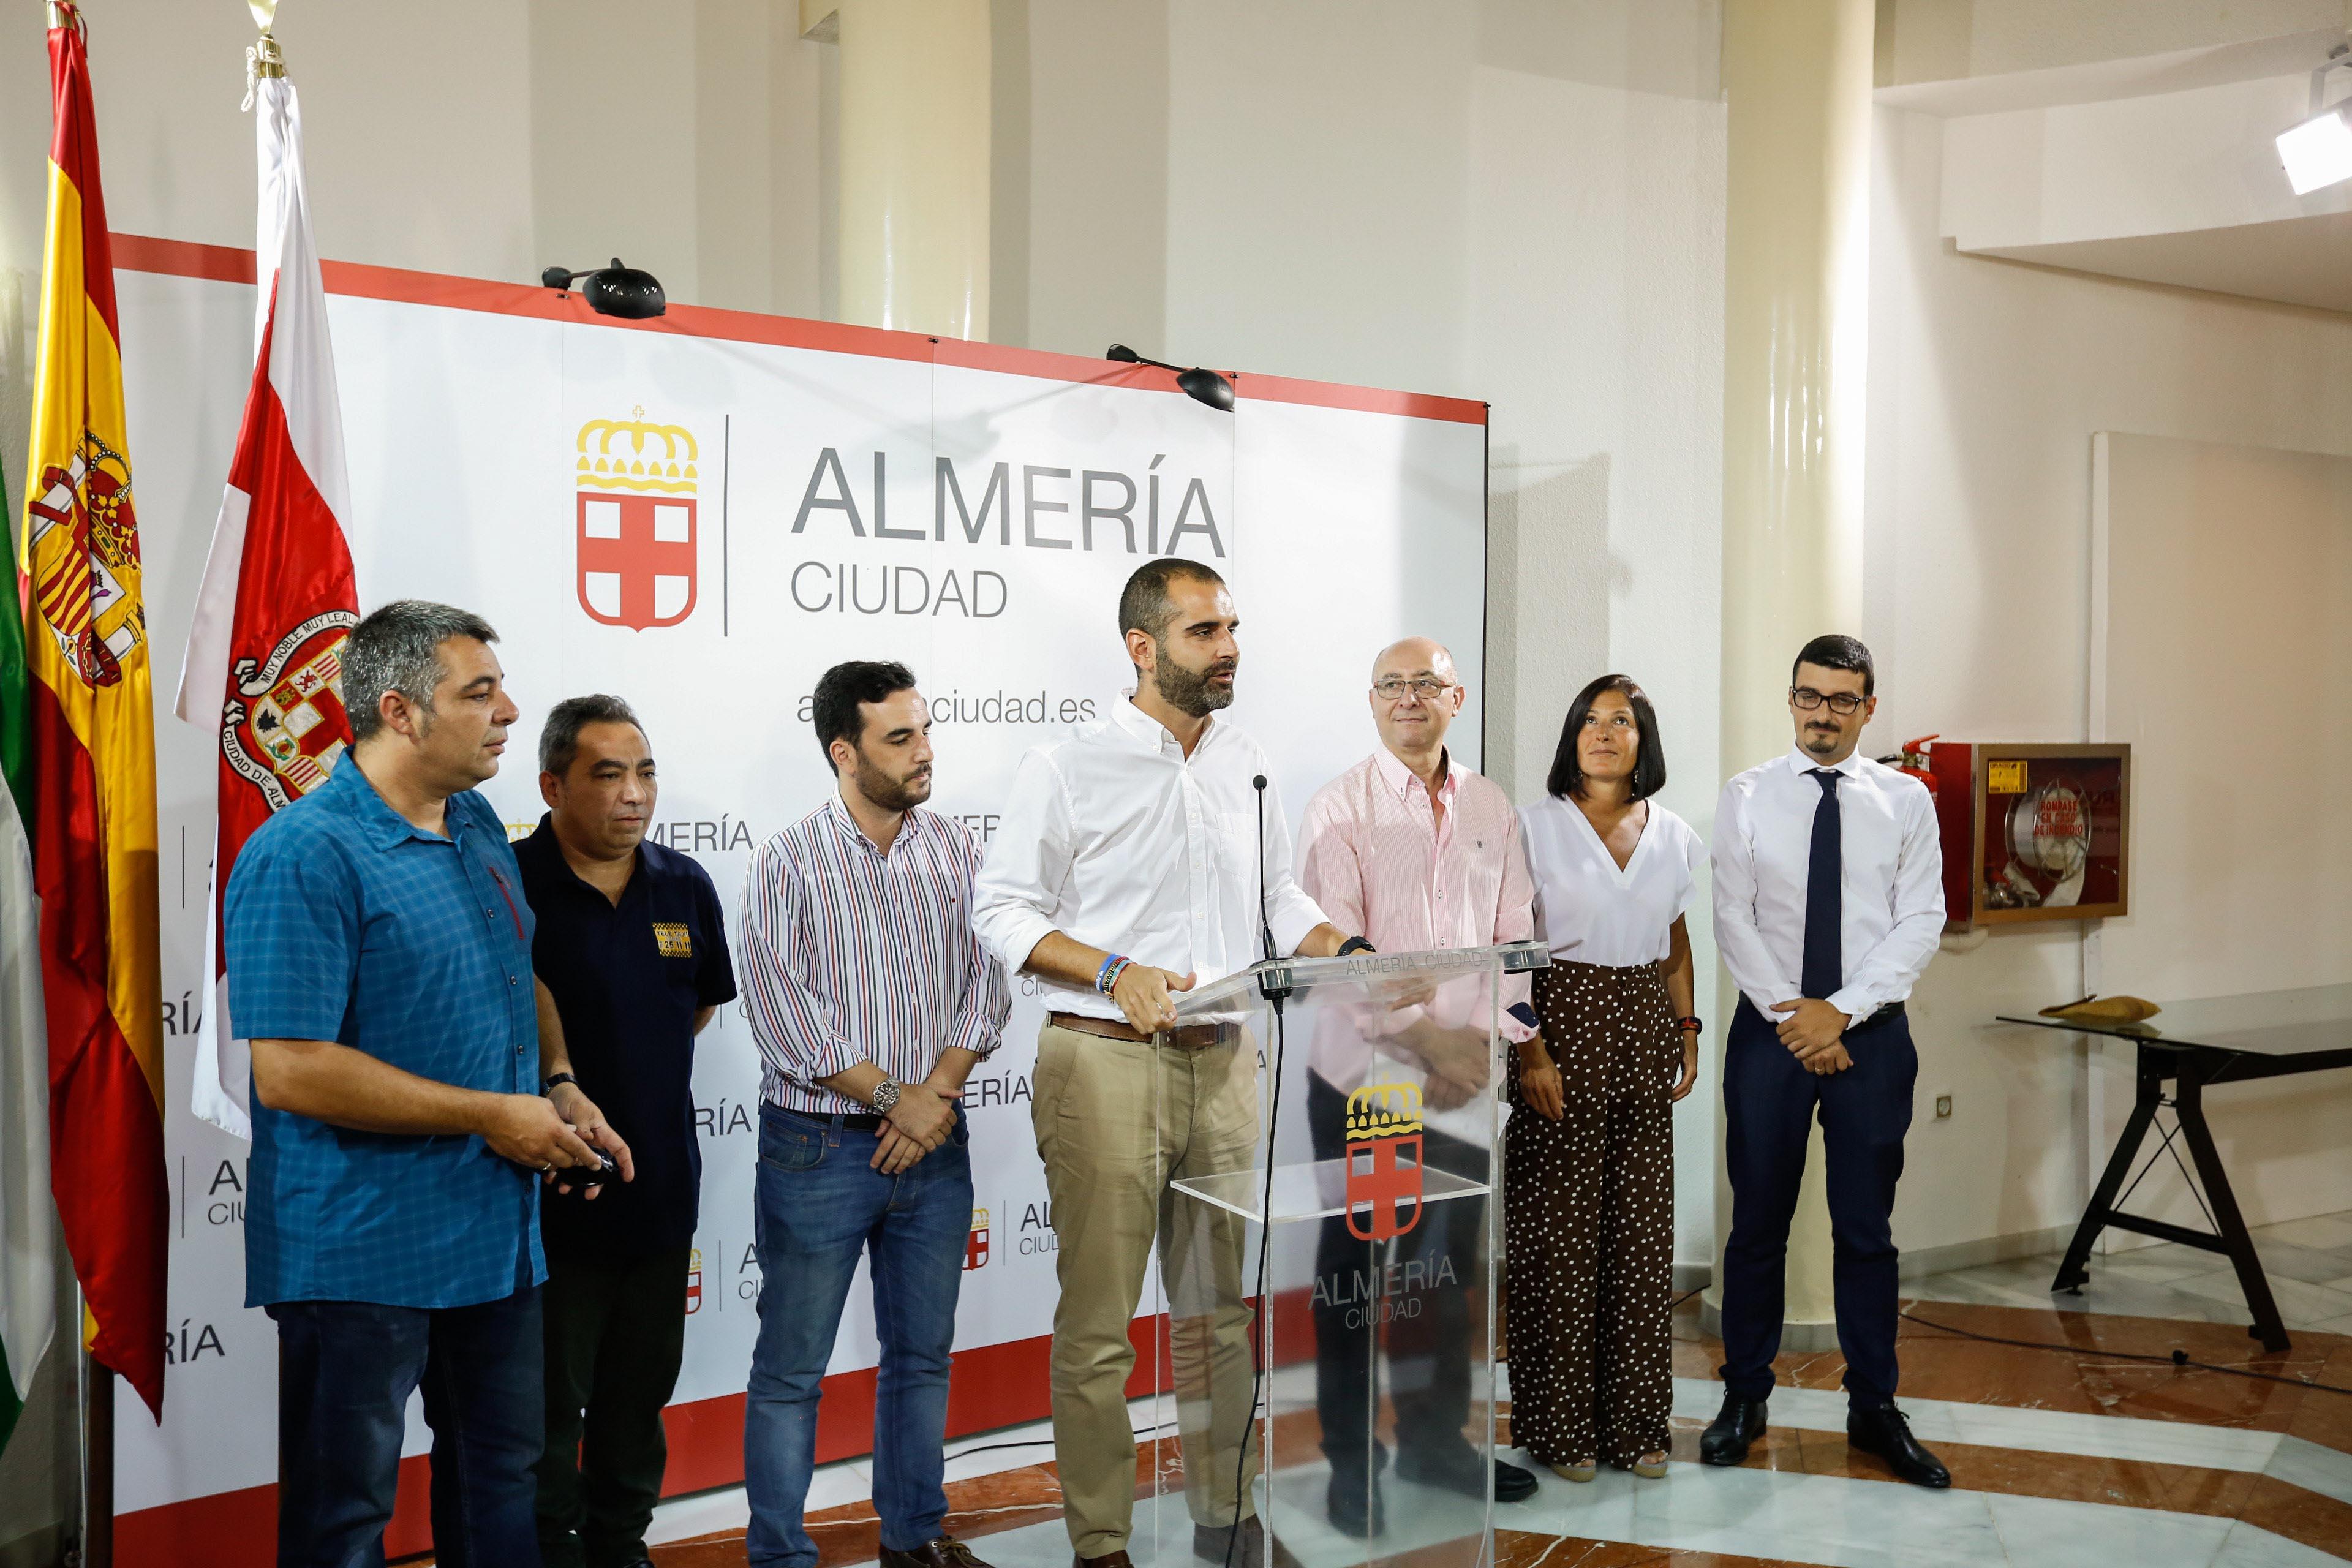 El alcalde destaca el alto nivel de participación y seguimiento de la Feria y los beneficios en términos económicos y de empleo para la ciudad